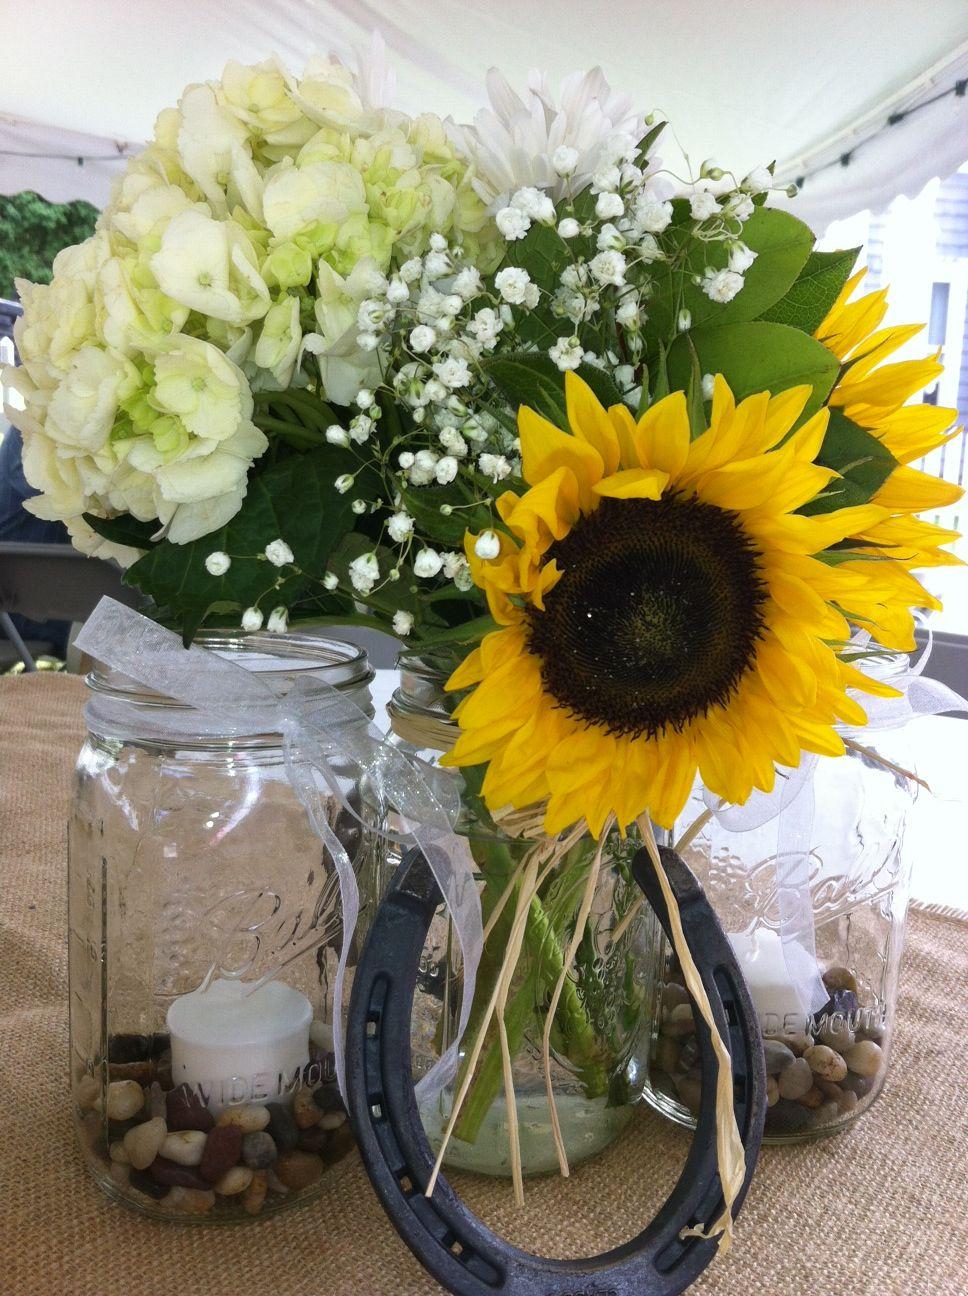 Burlap sunflowers and horseshoes elegant country